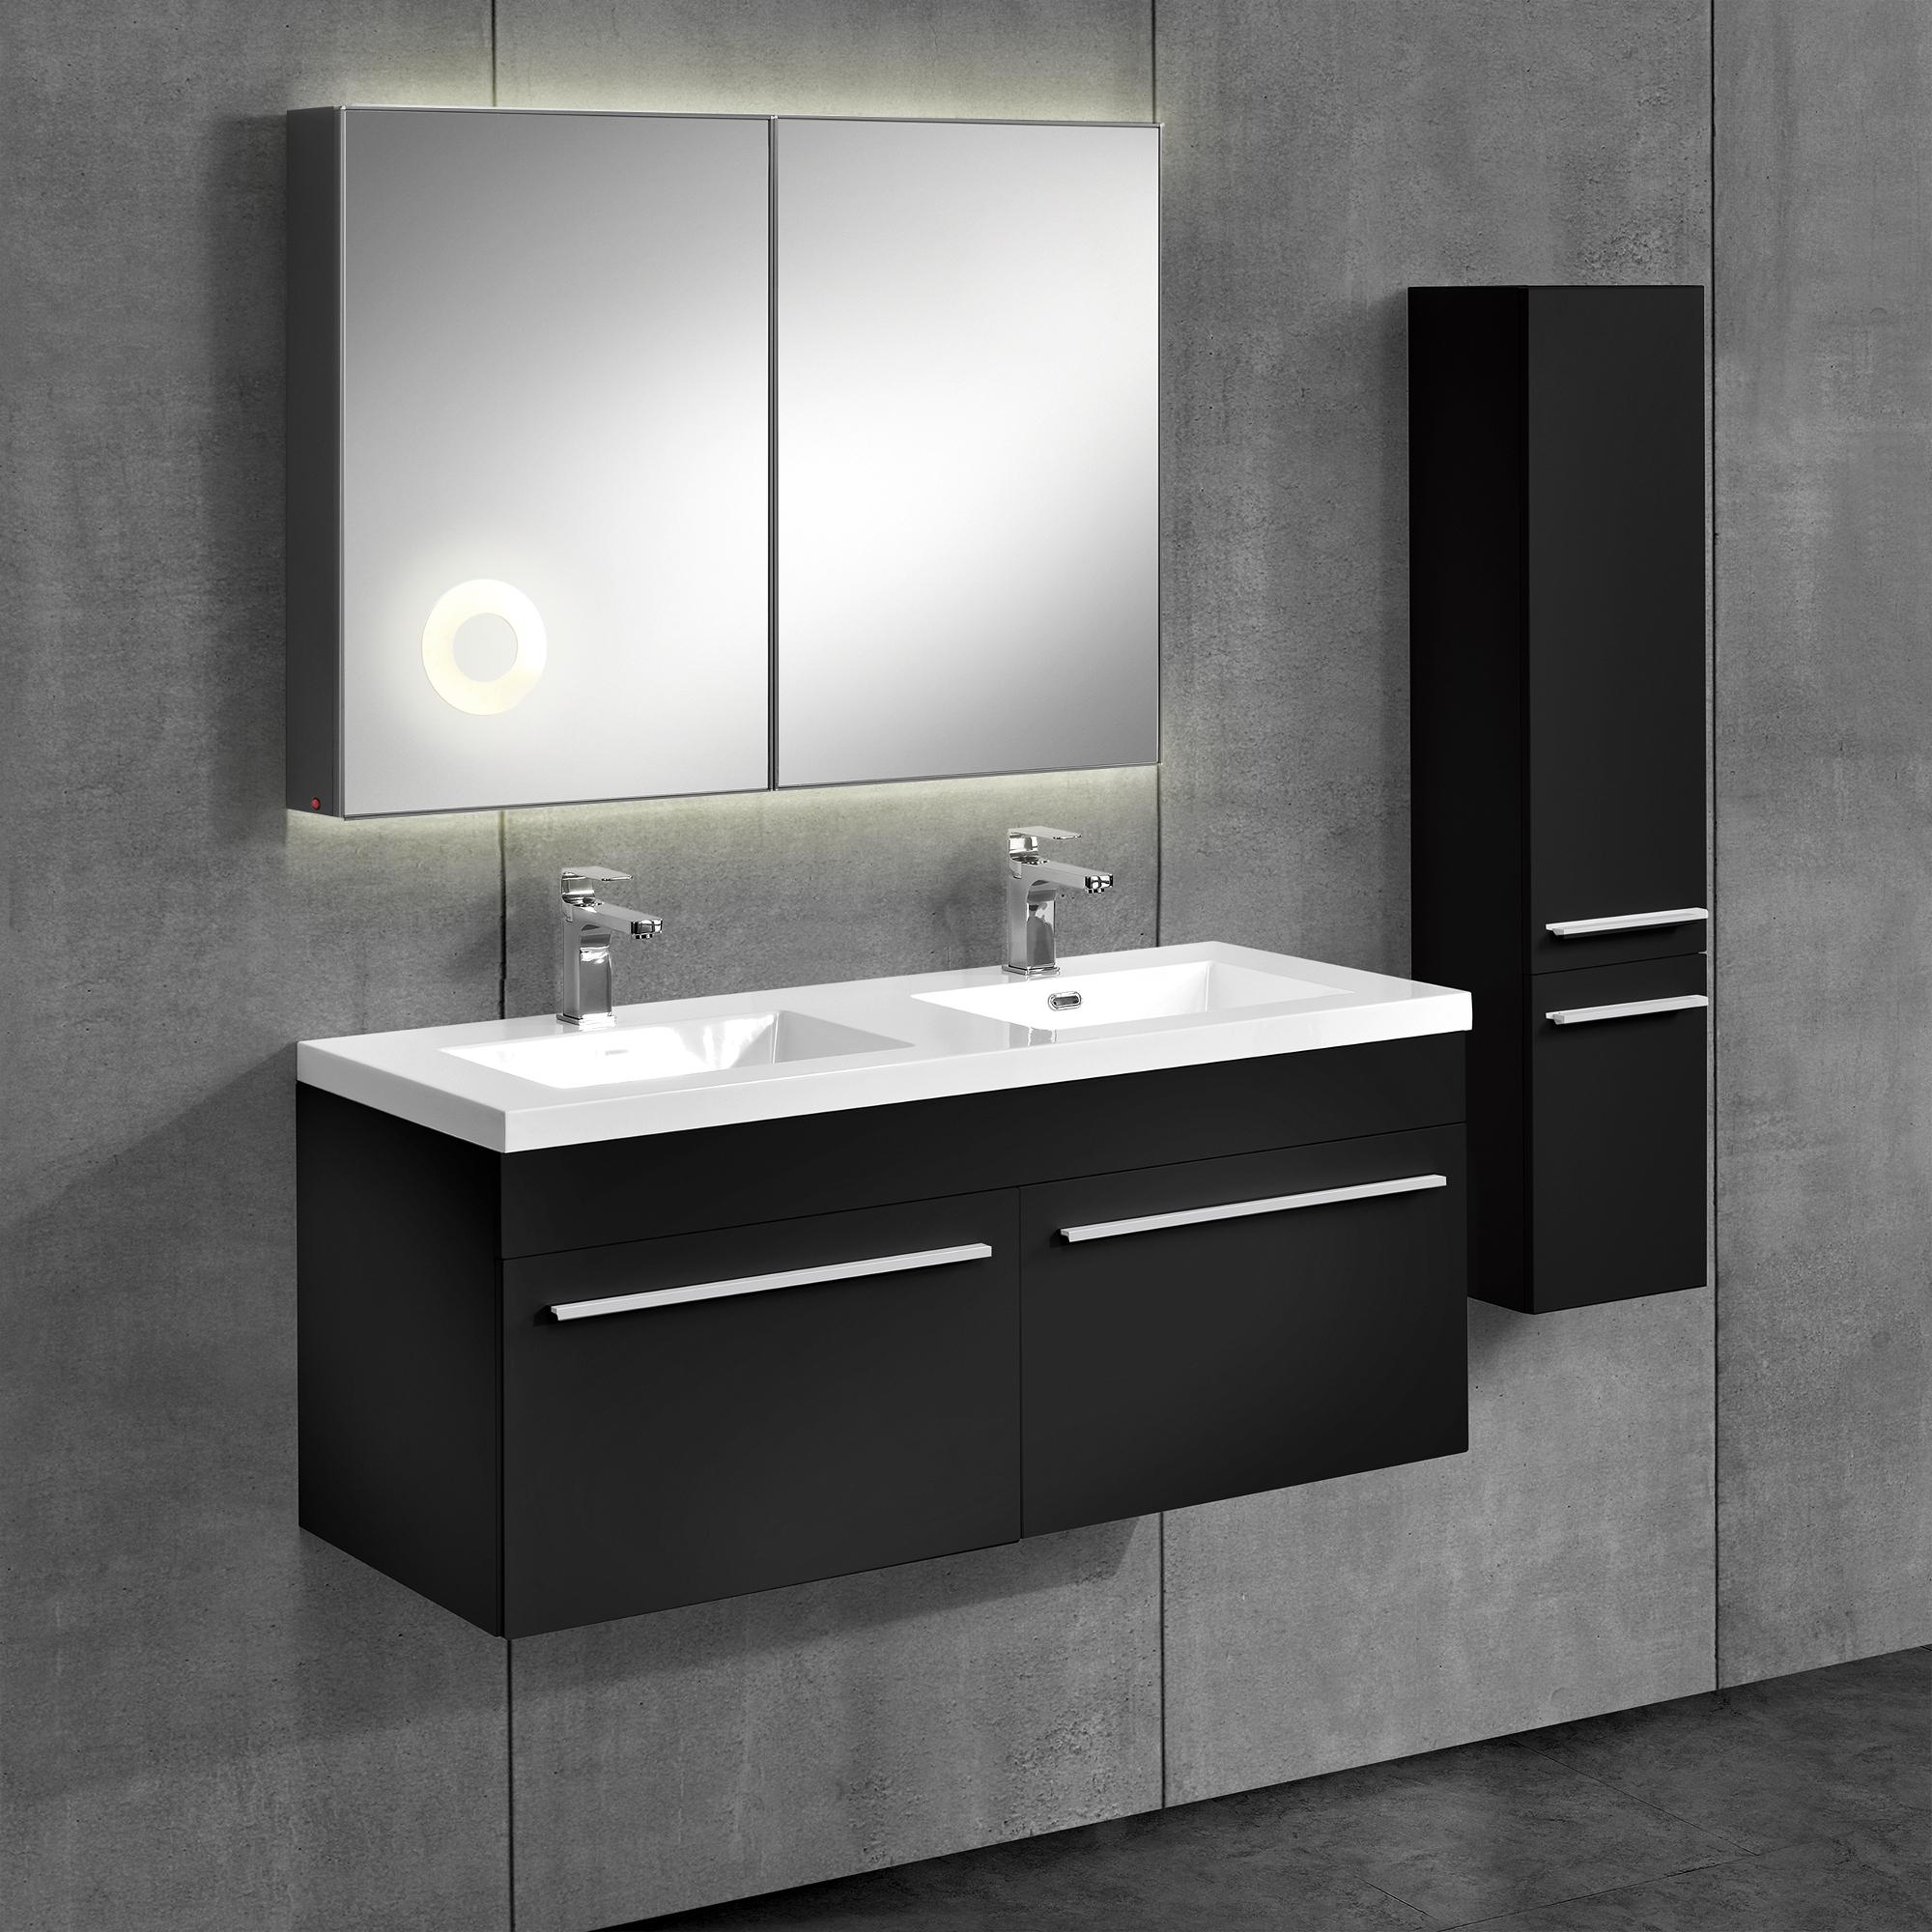 neu.haus] Armario Baño Mueble de espejo armario base Lavabo Alacena ...